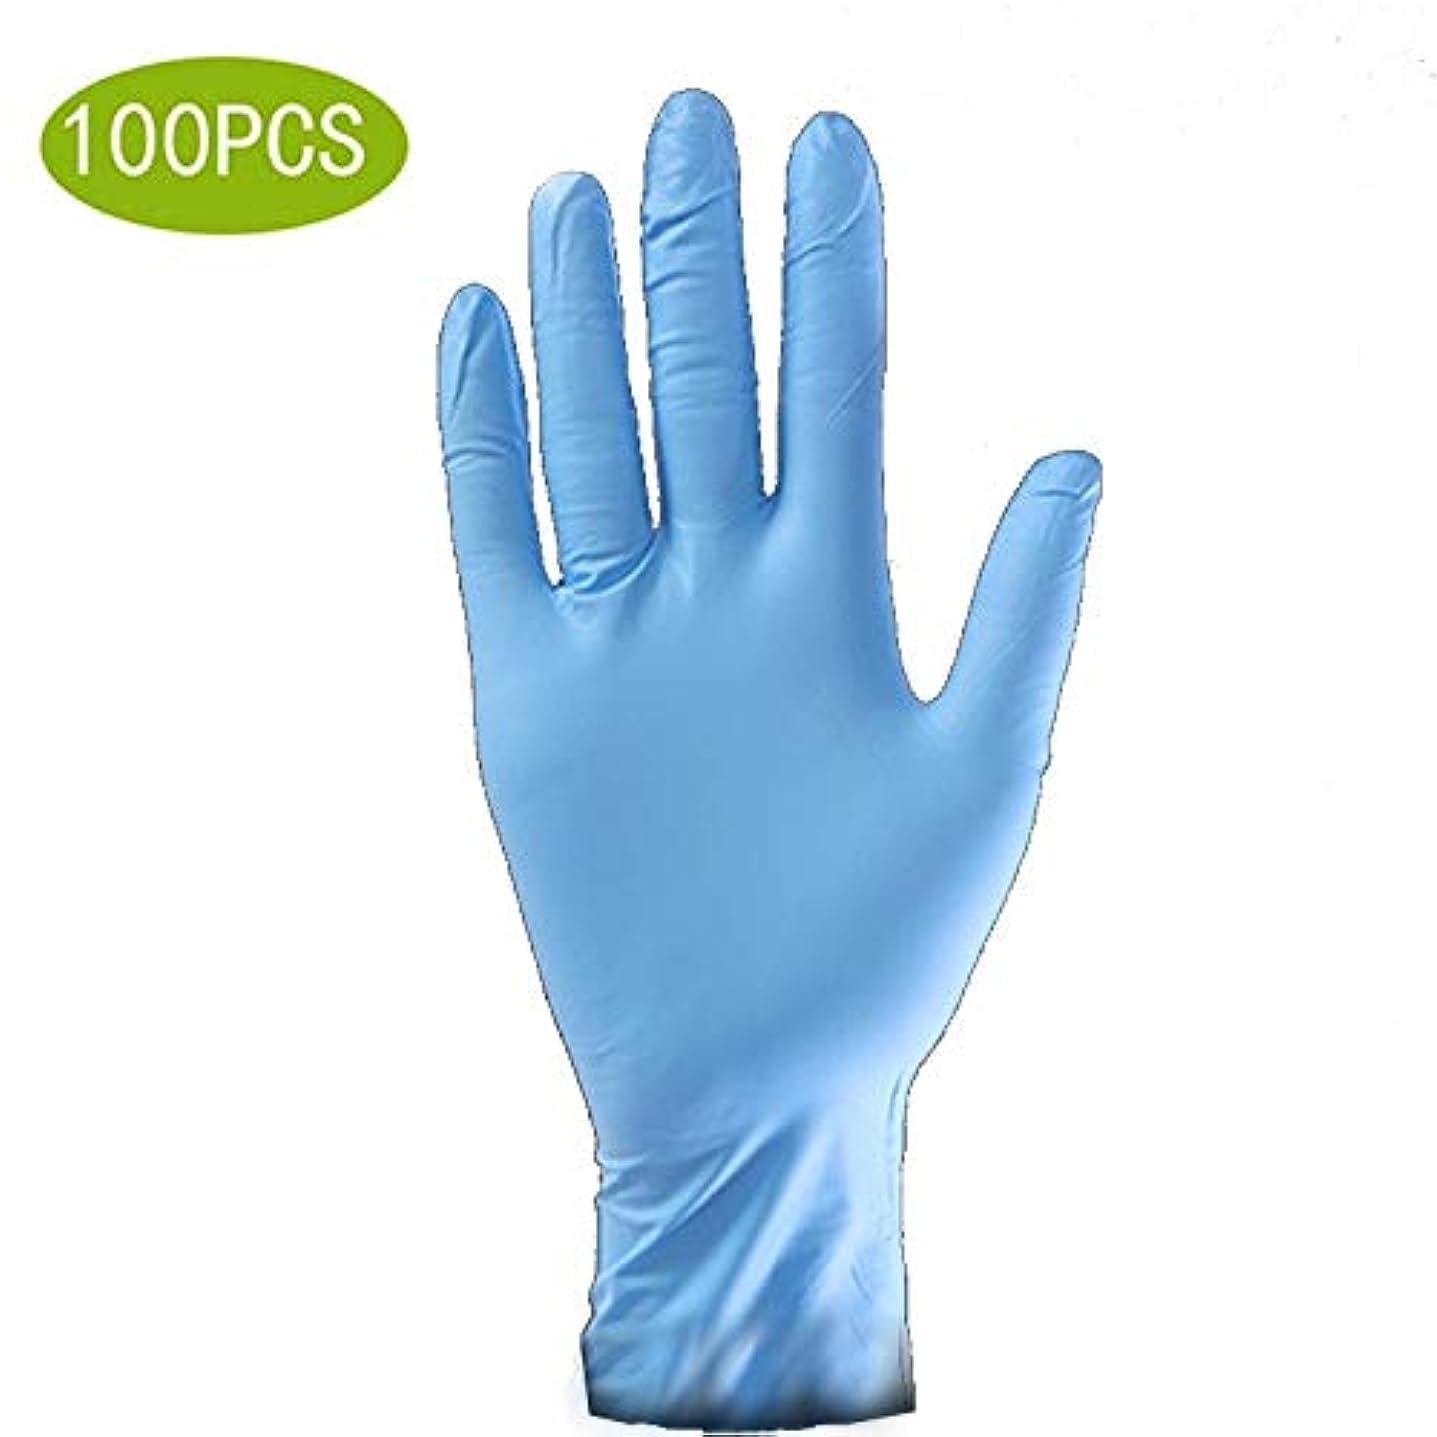 保護用使い捨てニトリル医療用手袋、3ミル、ラテックスフリー、試験グレードの手袋、質感のある、Ambidextrous、非滅菌の、FDA承認済みパック100 (Color : Blue, Size : S)